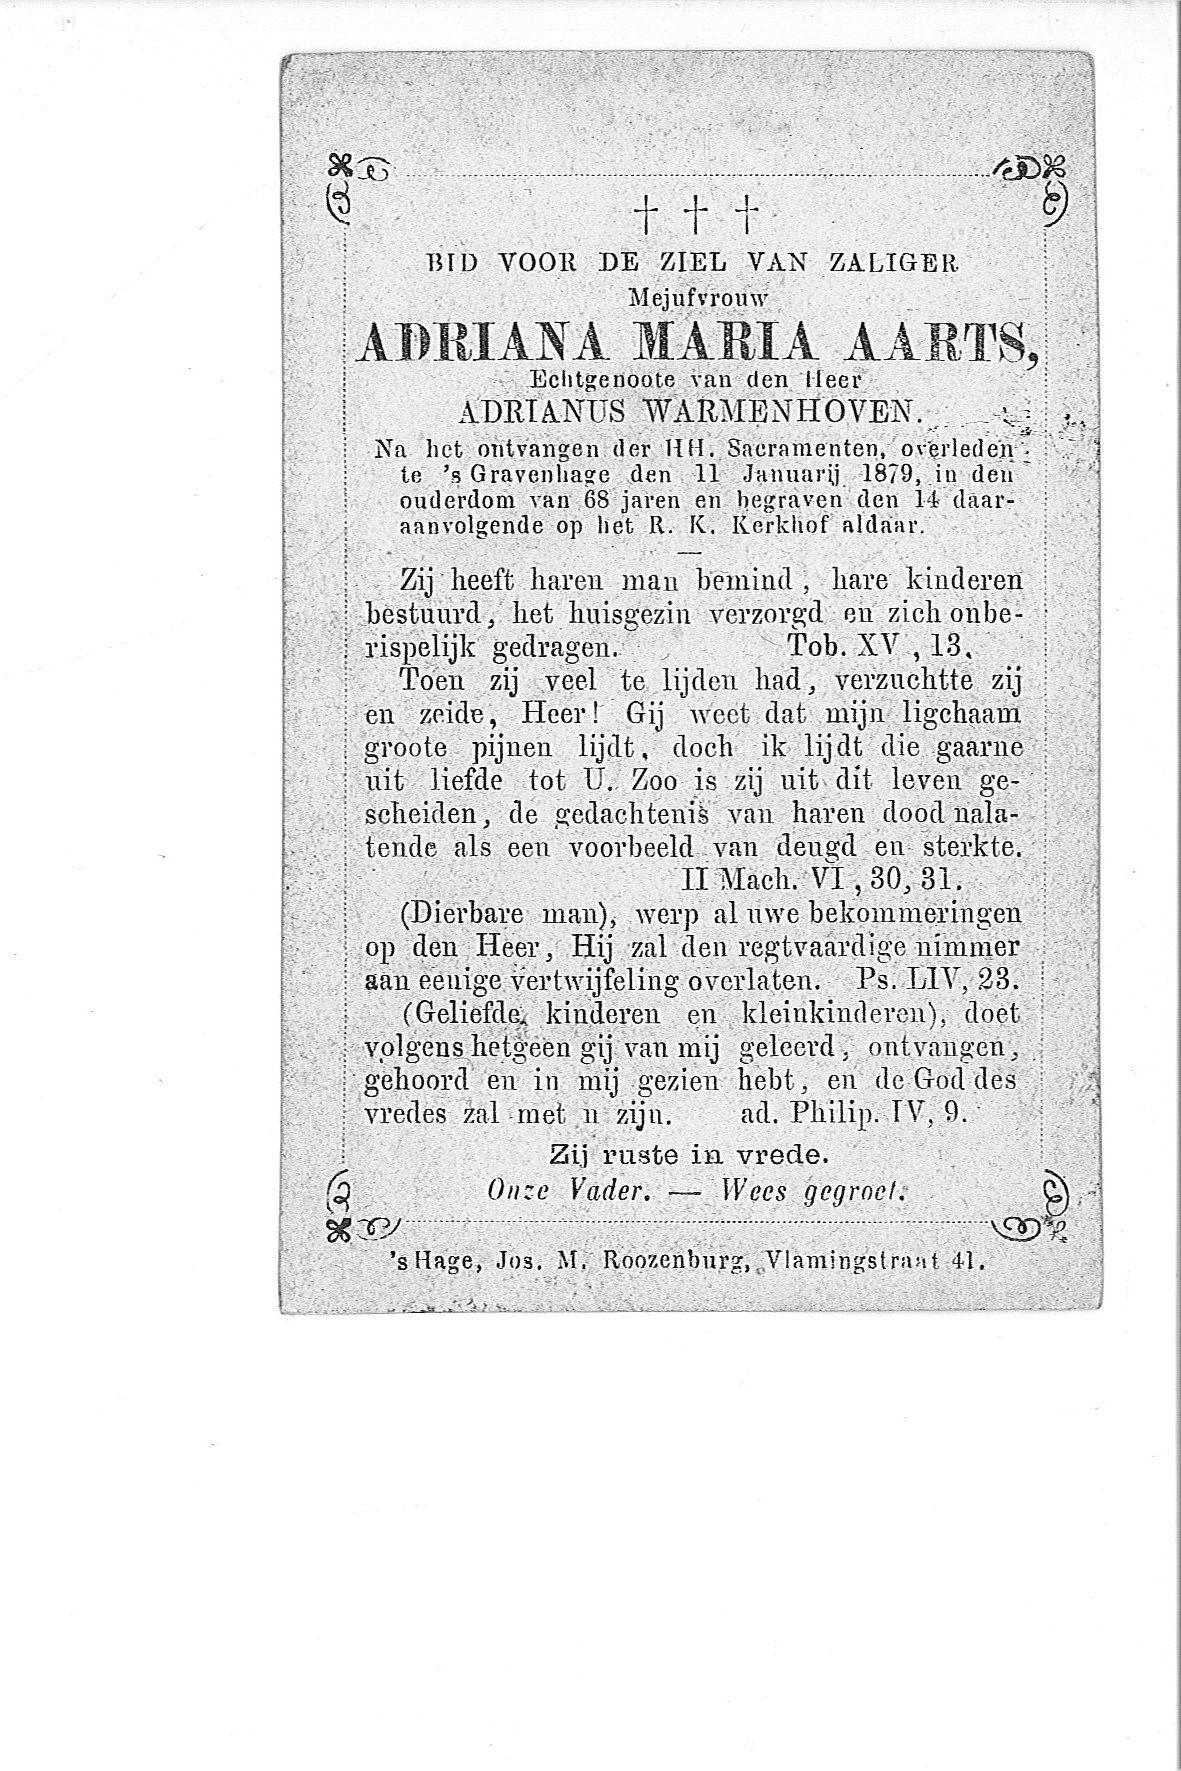 adriane-maria(1879)20090105132822_00002.jpg